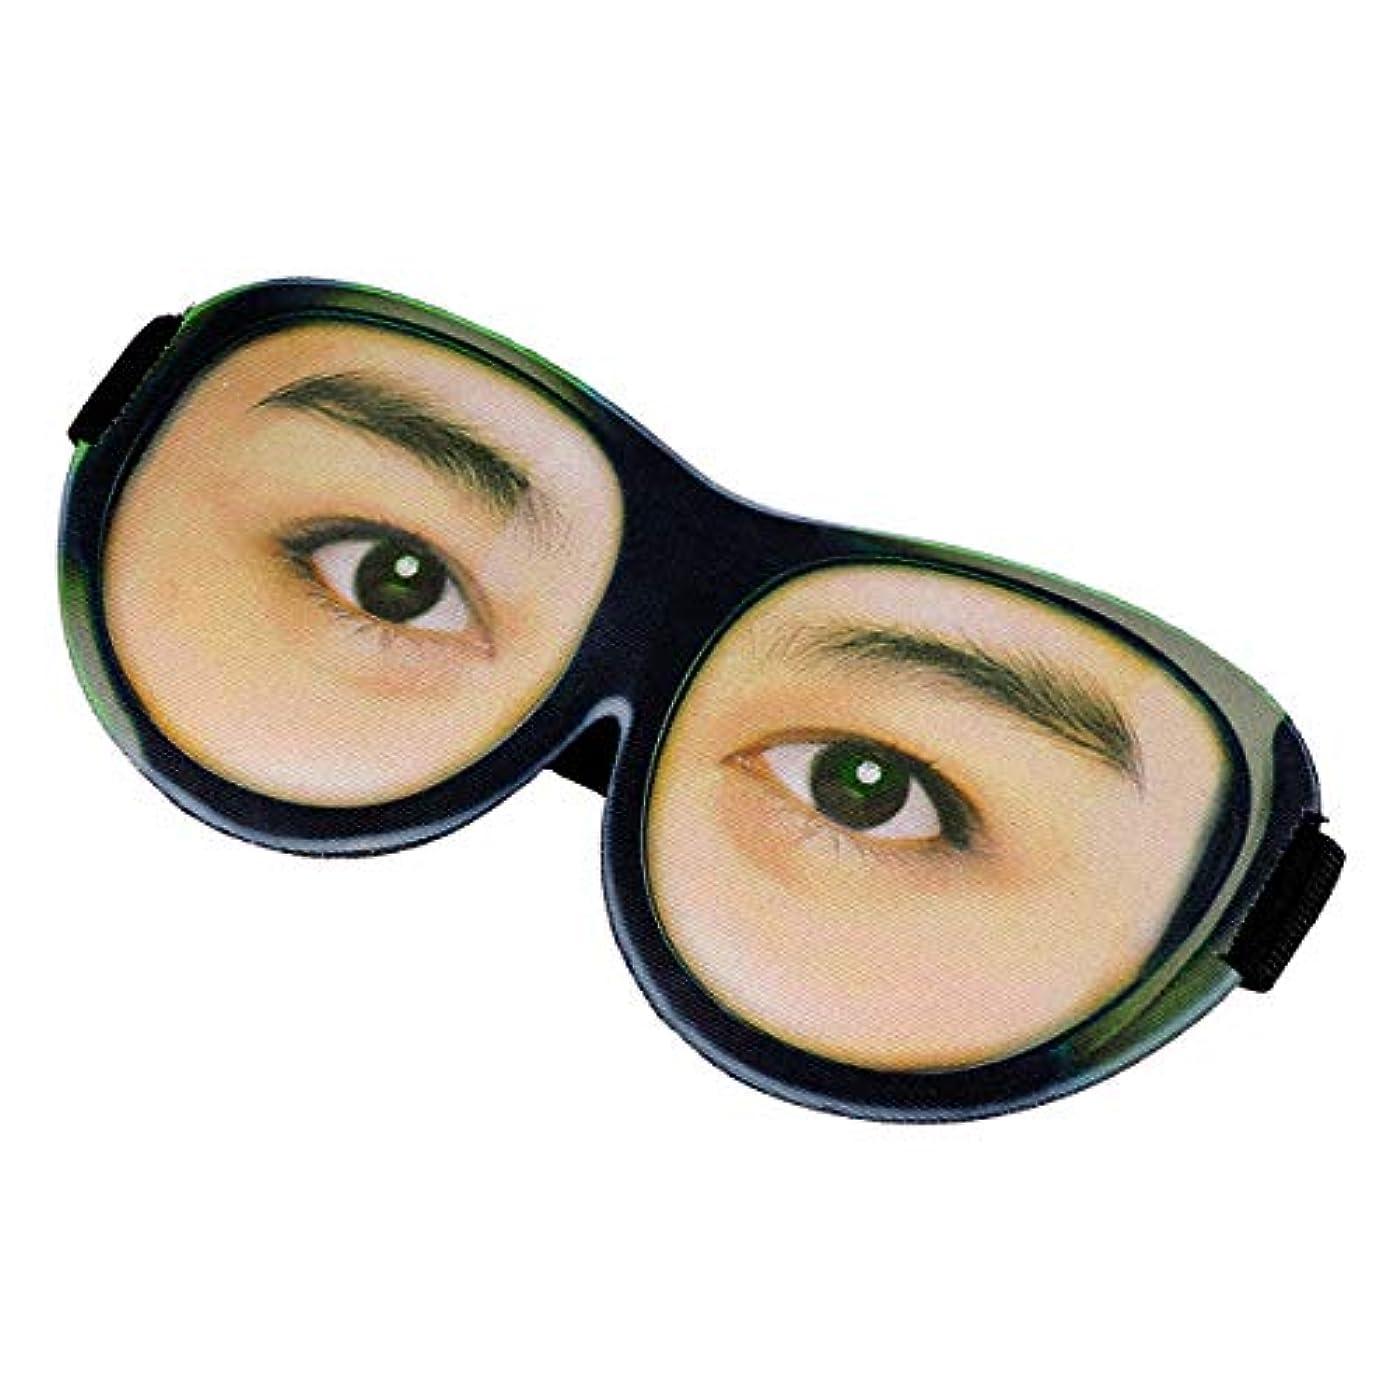 アラート旅行ストラトフォードオンエイボンBeaupretty 睡眠マスクメガネ面白い3D調節可能ストラップ付きアイマスクアイシェード睡眠用アイシェード